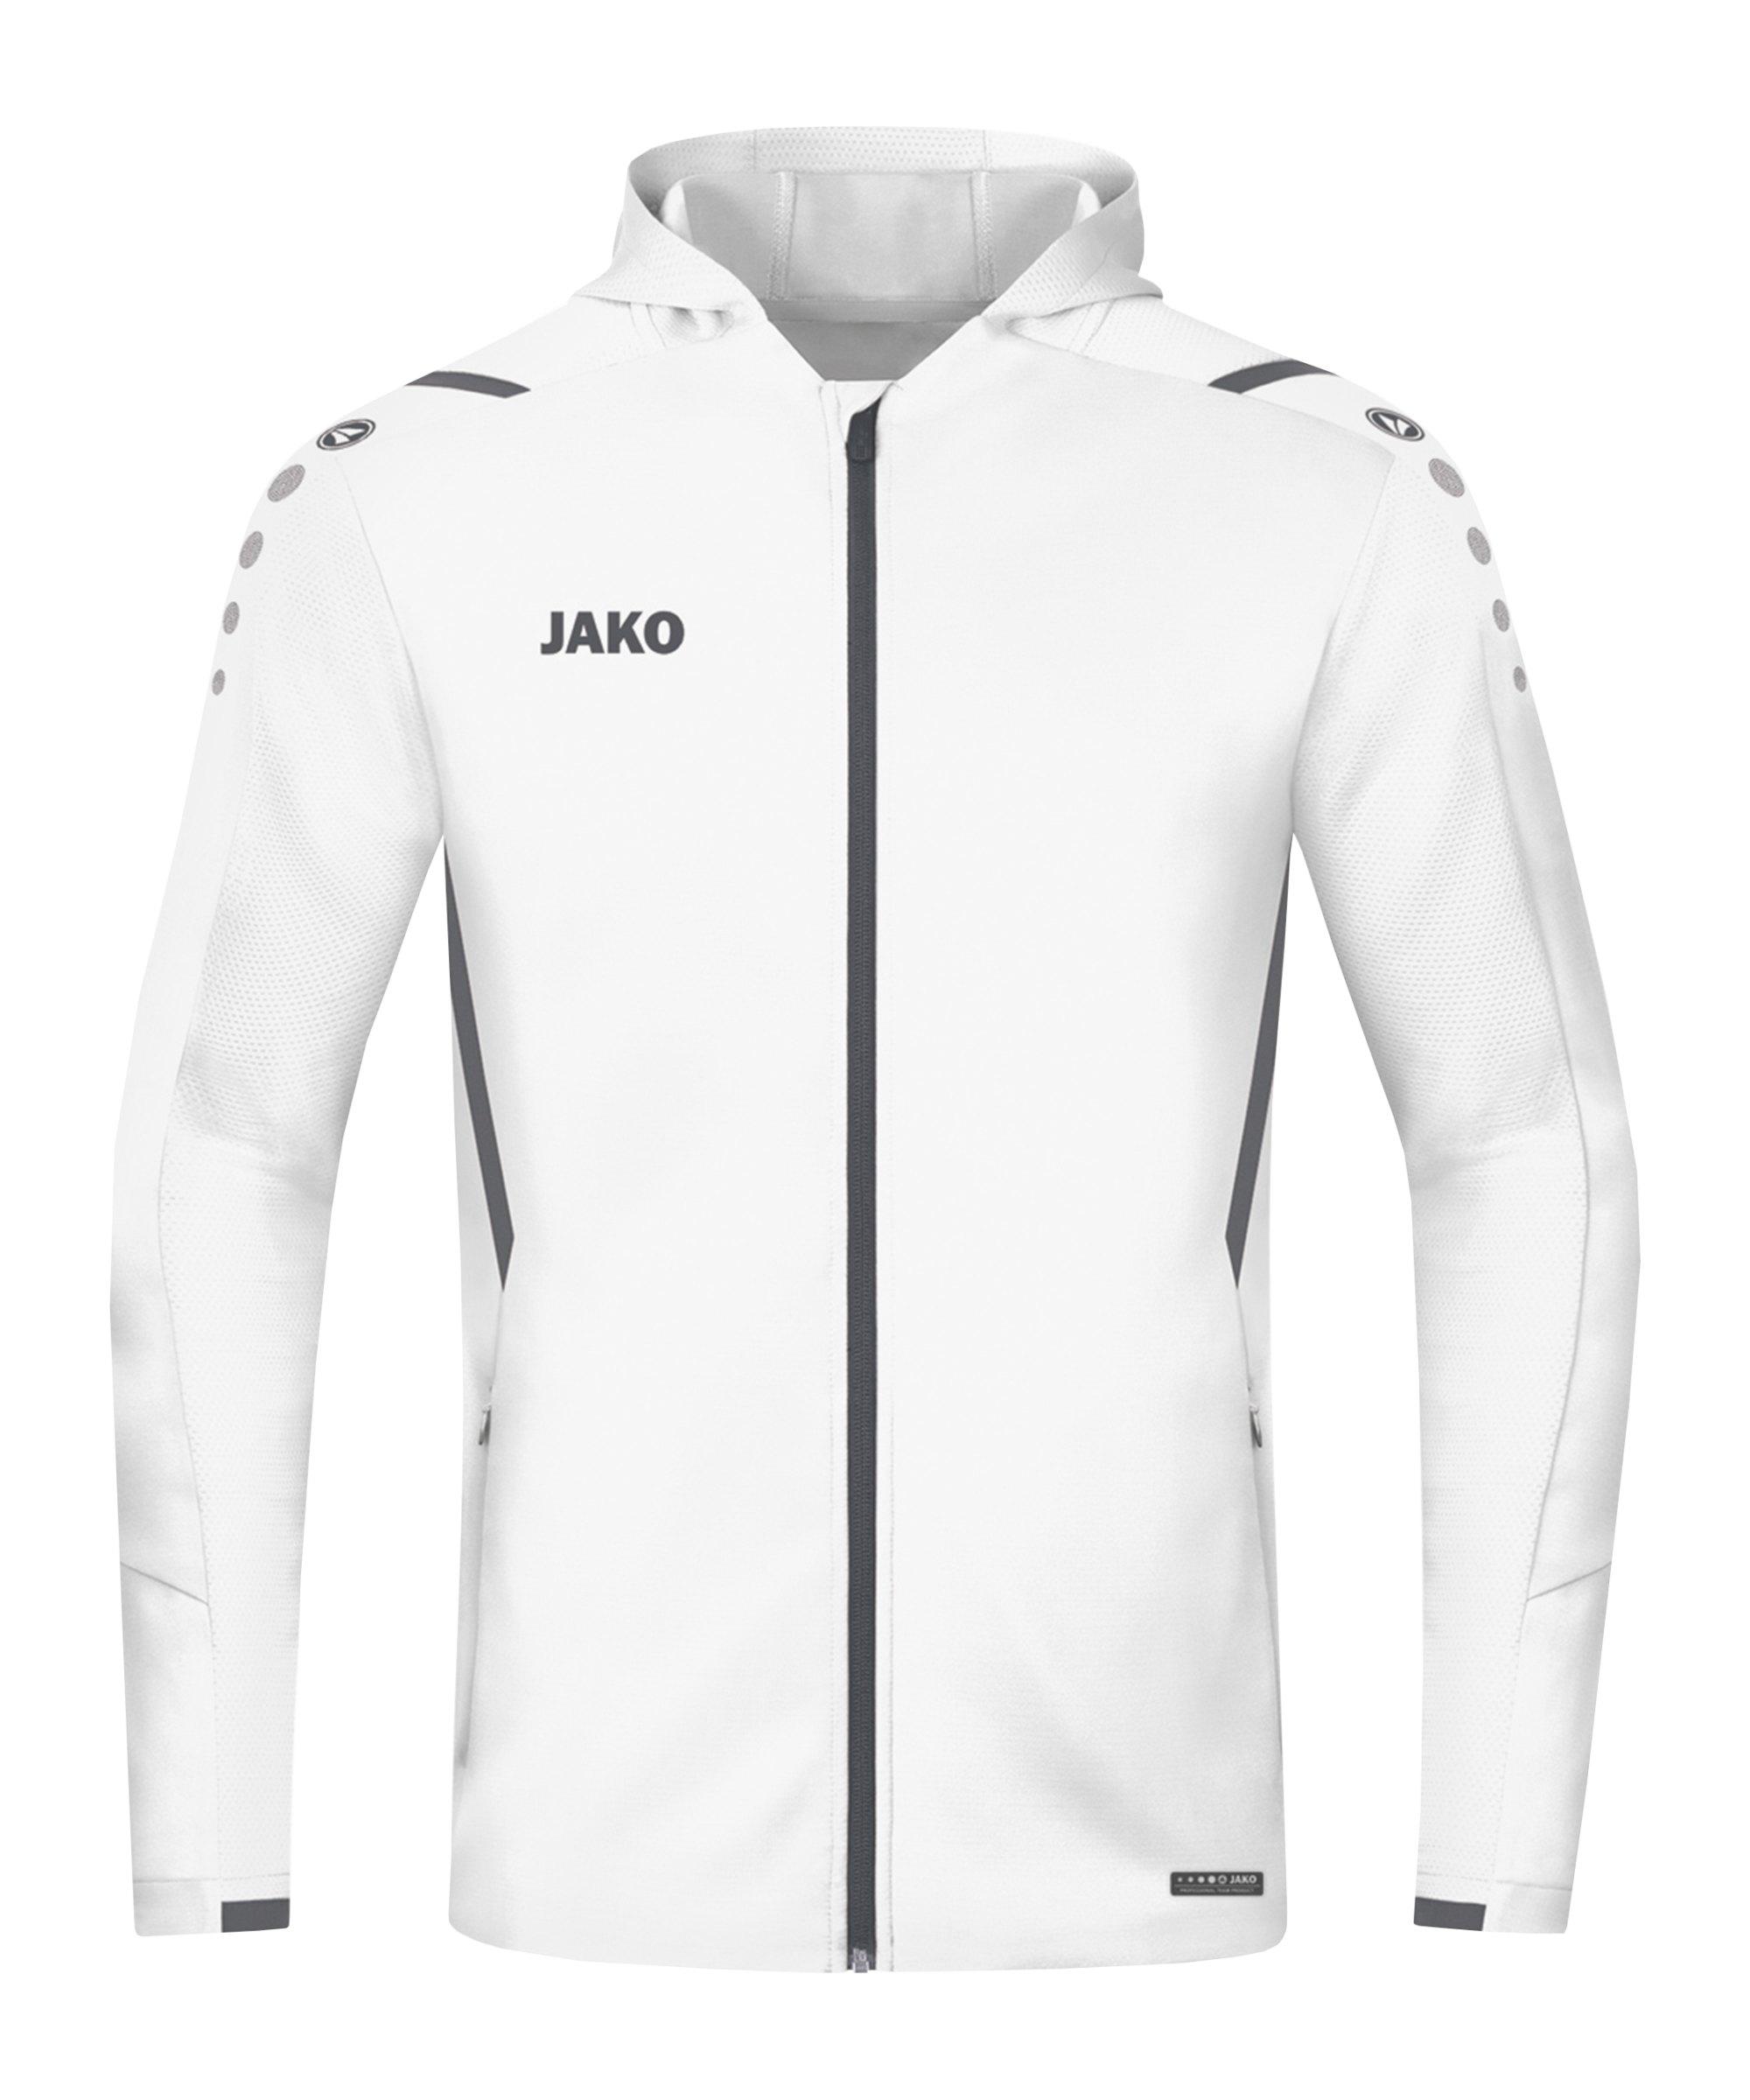 JAKO Challenge Trainingsjacke Weiss F02 - weiss